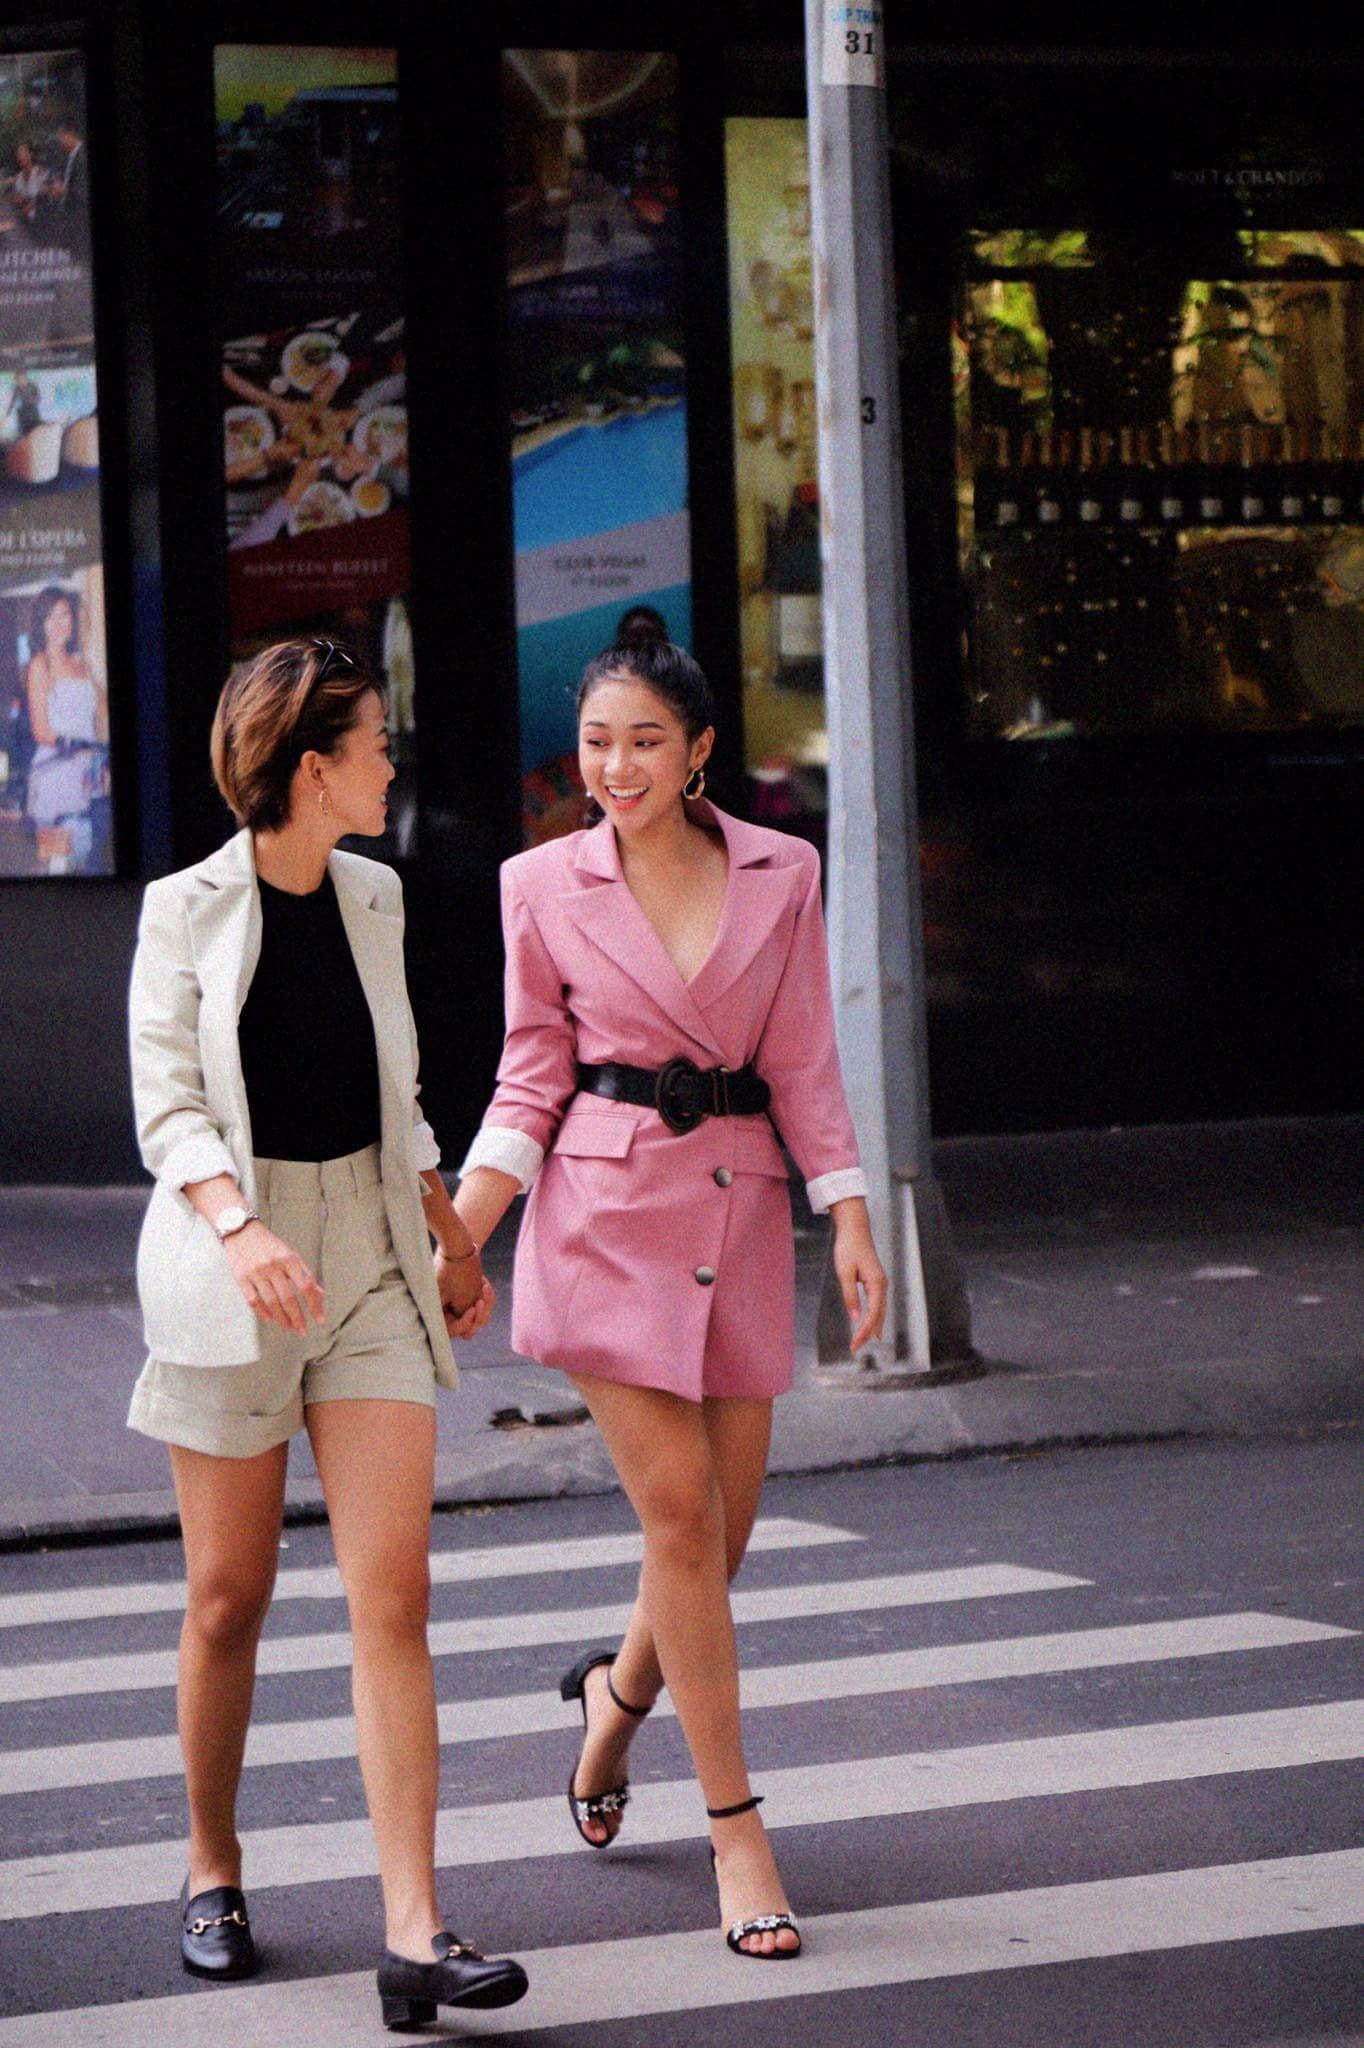 Khi gái đẹp yêu nhau: Hết Tiếng sét ái tình giữa 2 hot girl nóng bỏng lại có fan hùng hậu ở nước ngoài - Ảnh 9.